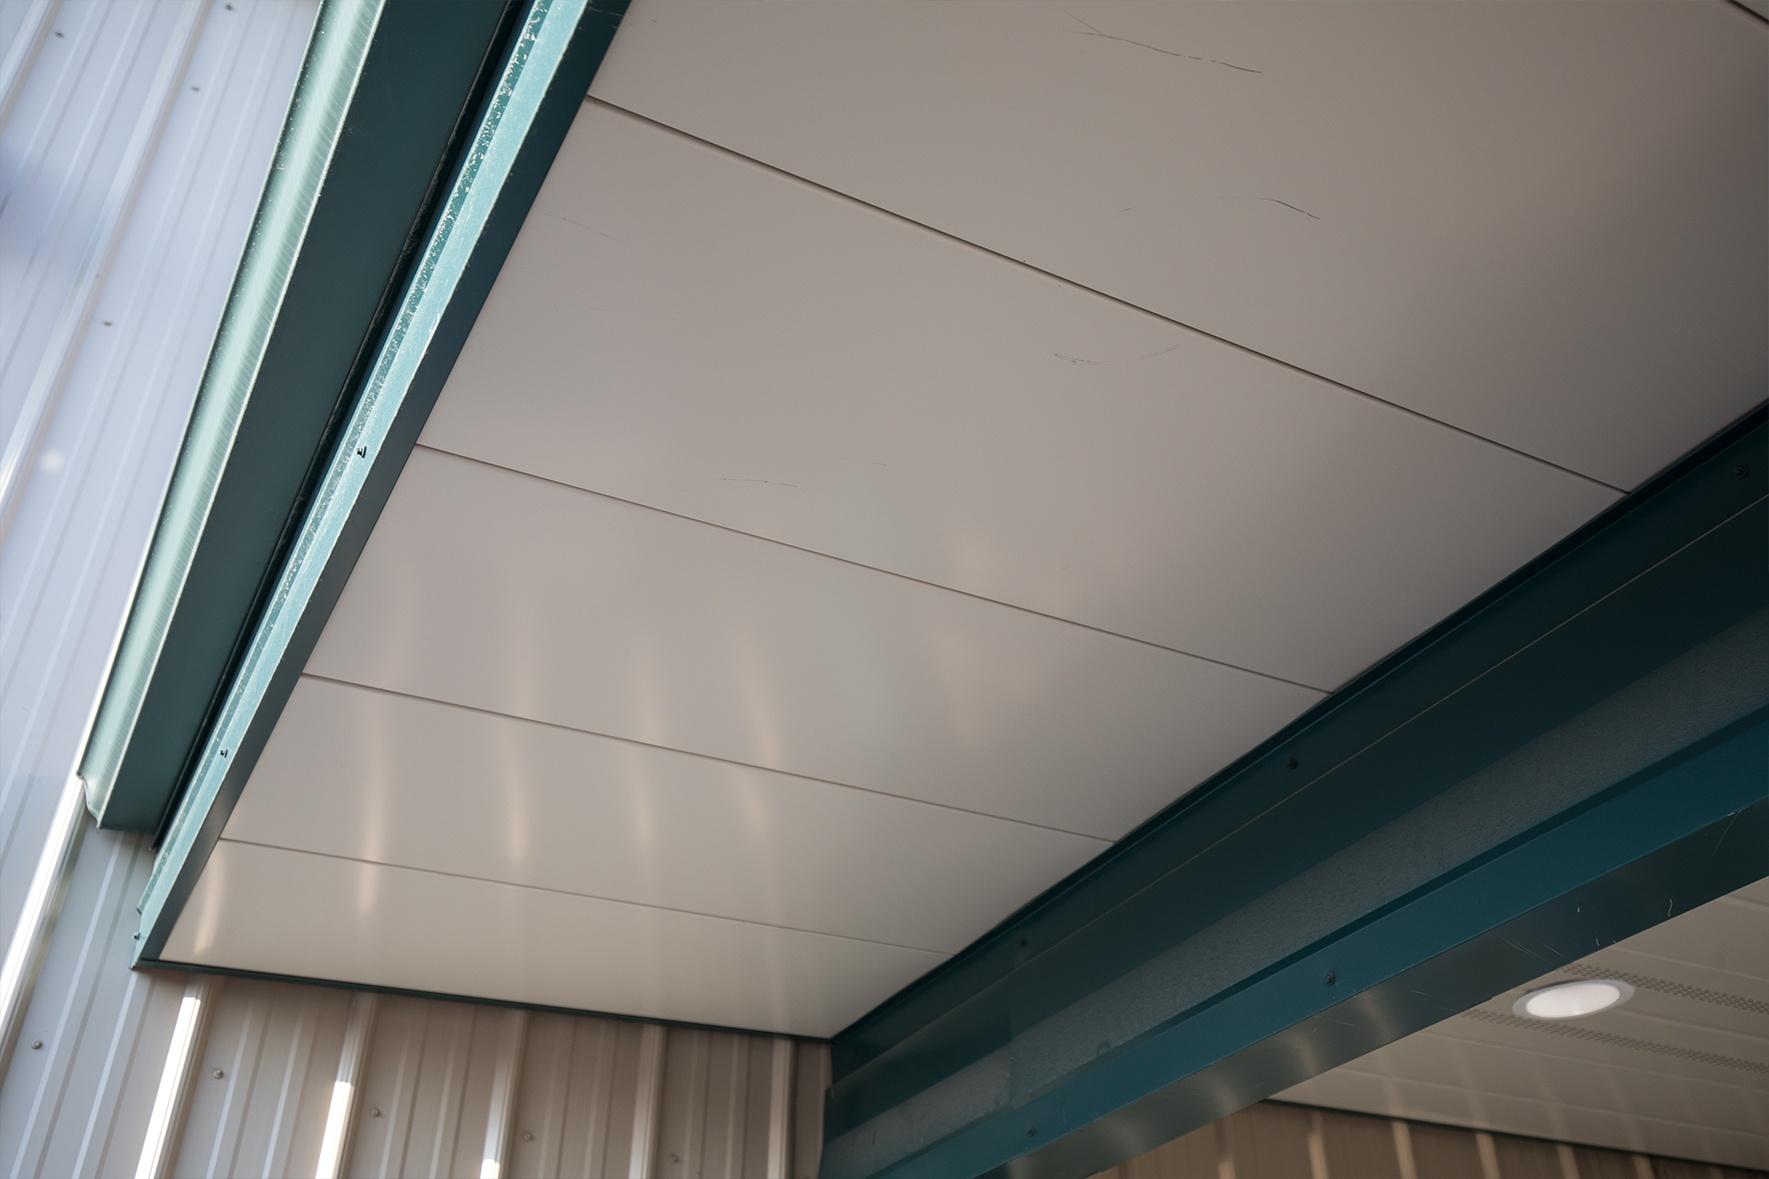 Flush Soffit Panel - Soffit